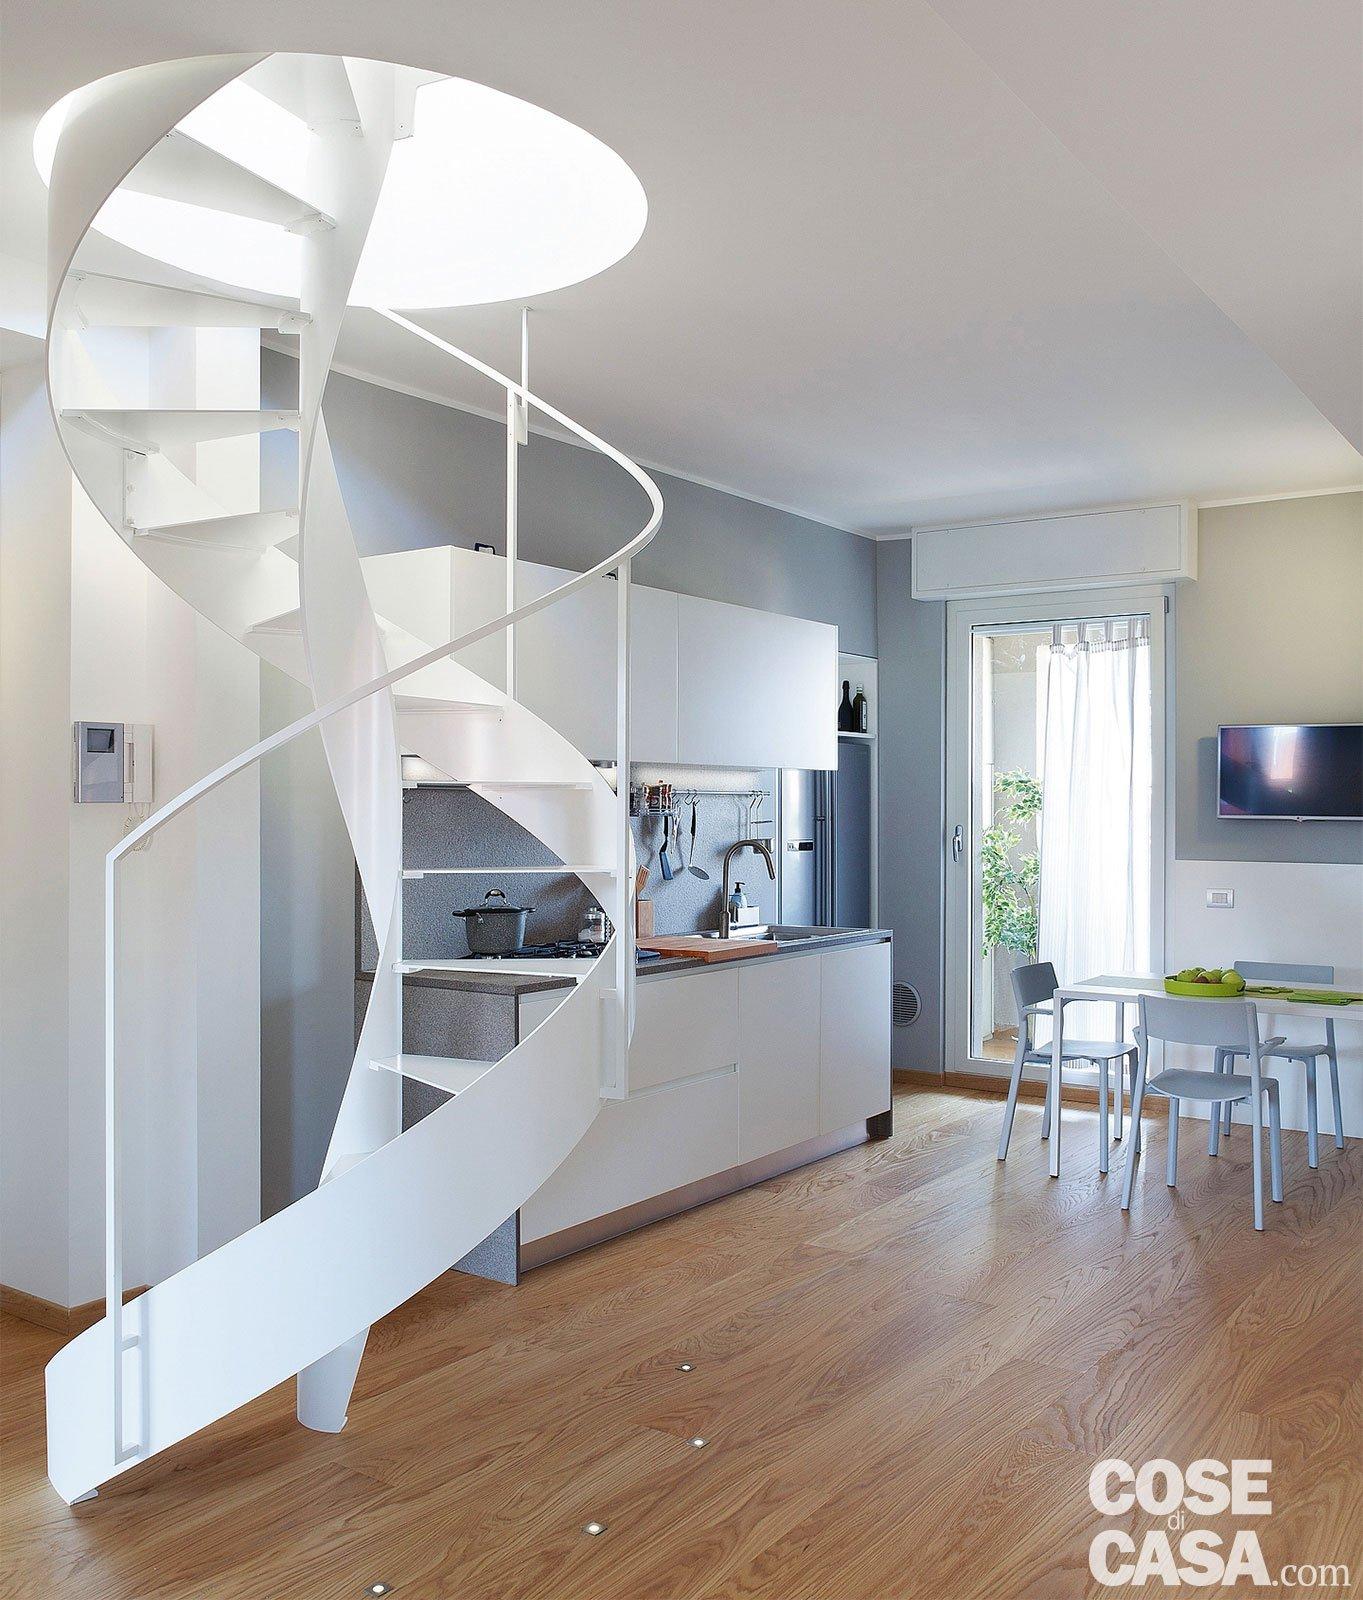 Cucina a vista sul soggiorno nel sottotetto con terrazzi a - Scala soggiorno ...